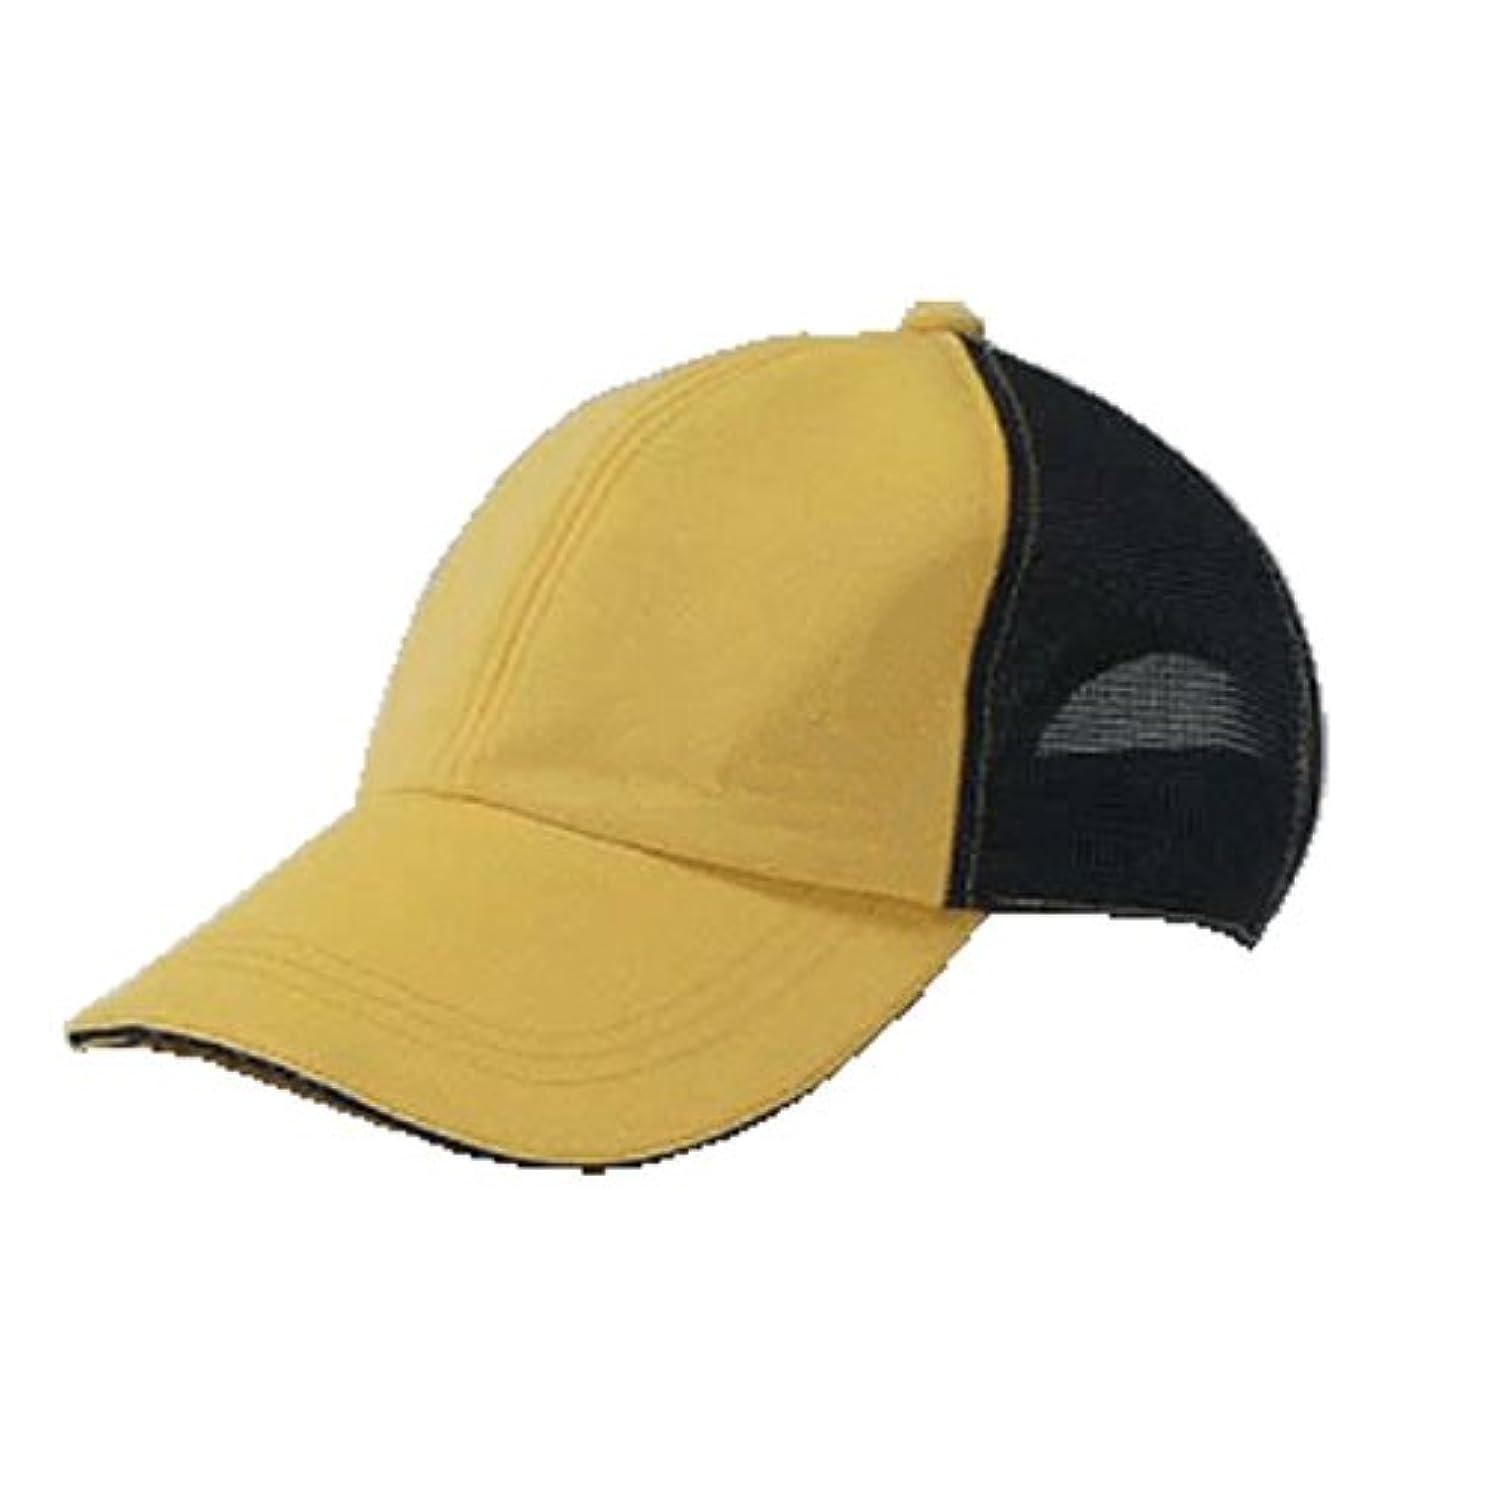 暴行アトラス毛布LEDライト付き帽子 TERUBO メッシュタイプ 黄/黒